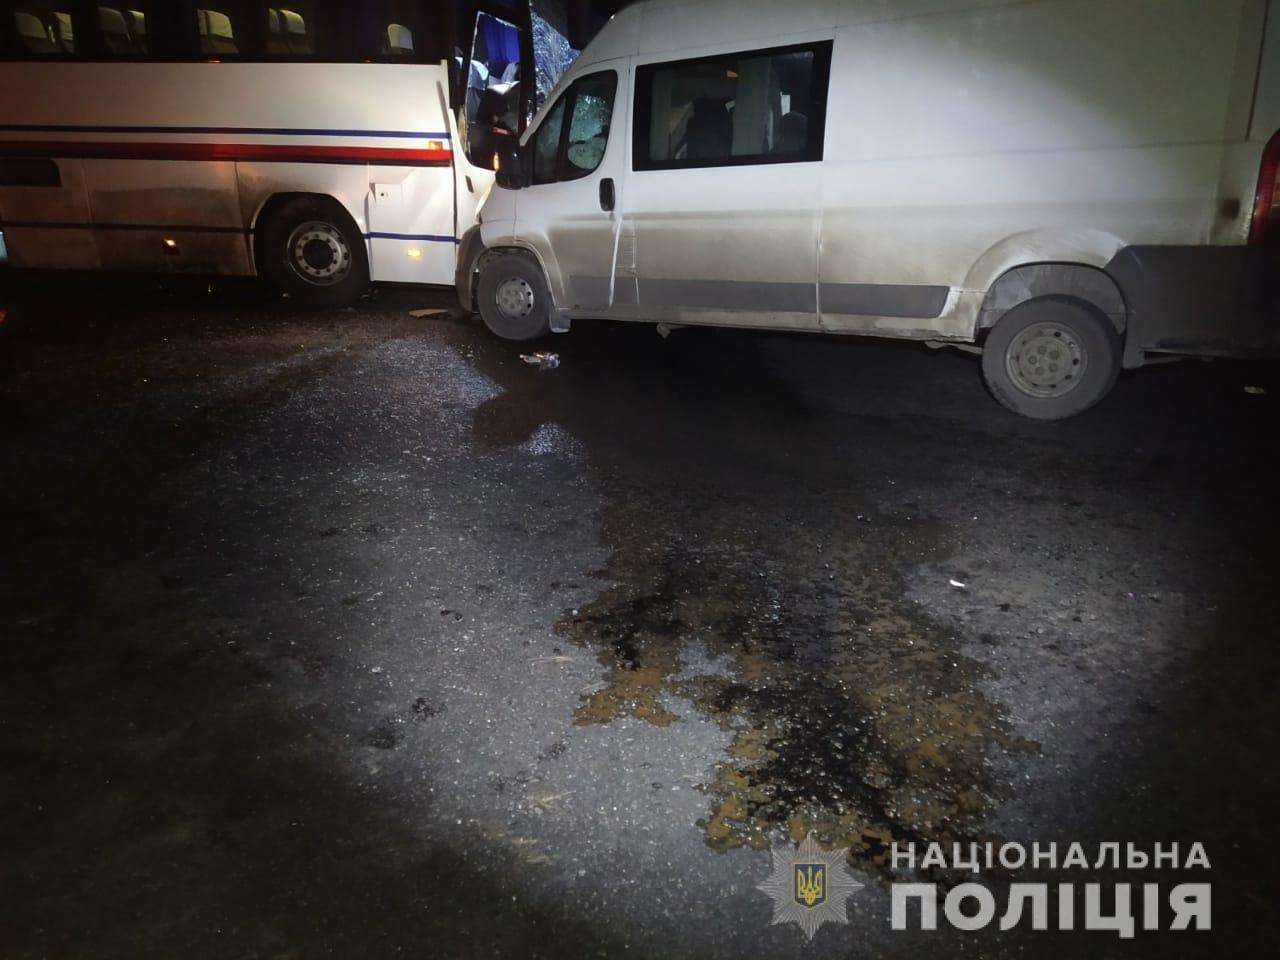 На Харьковщине микроавтобус «влетел» в рейсовый автобус: пять человек в больнице, - ФОТО, фото-2